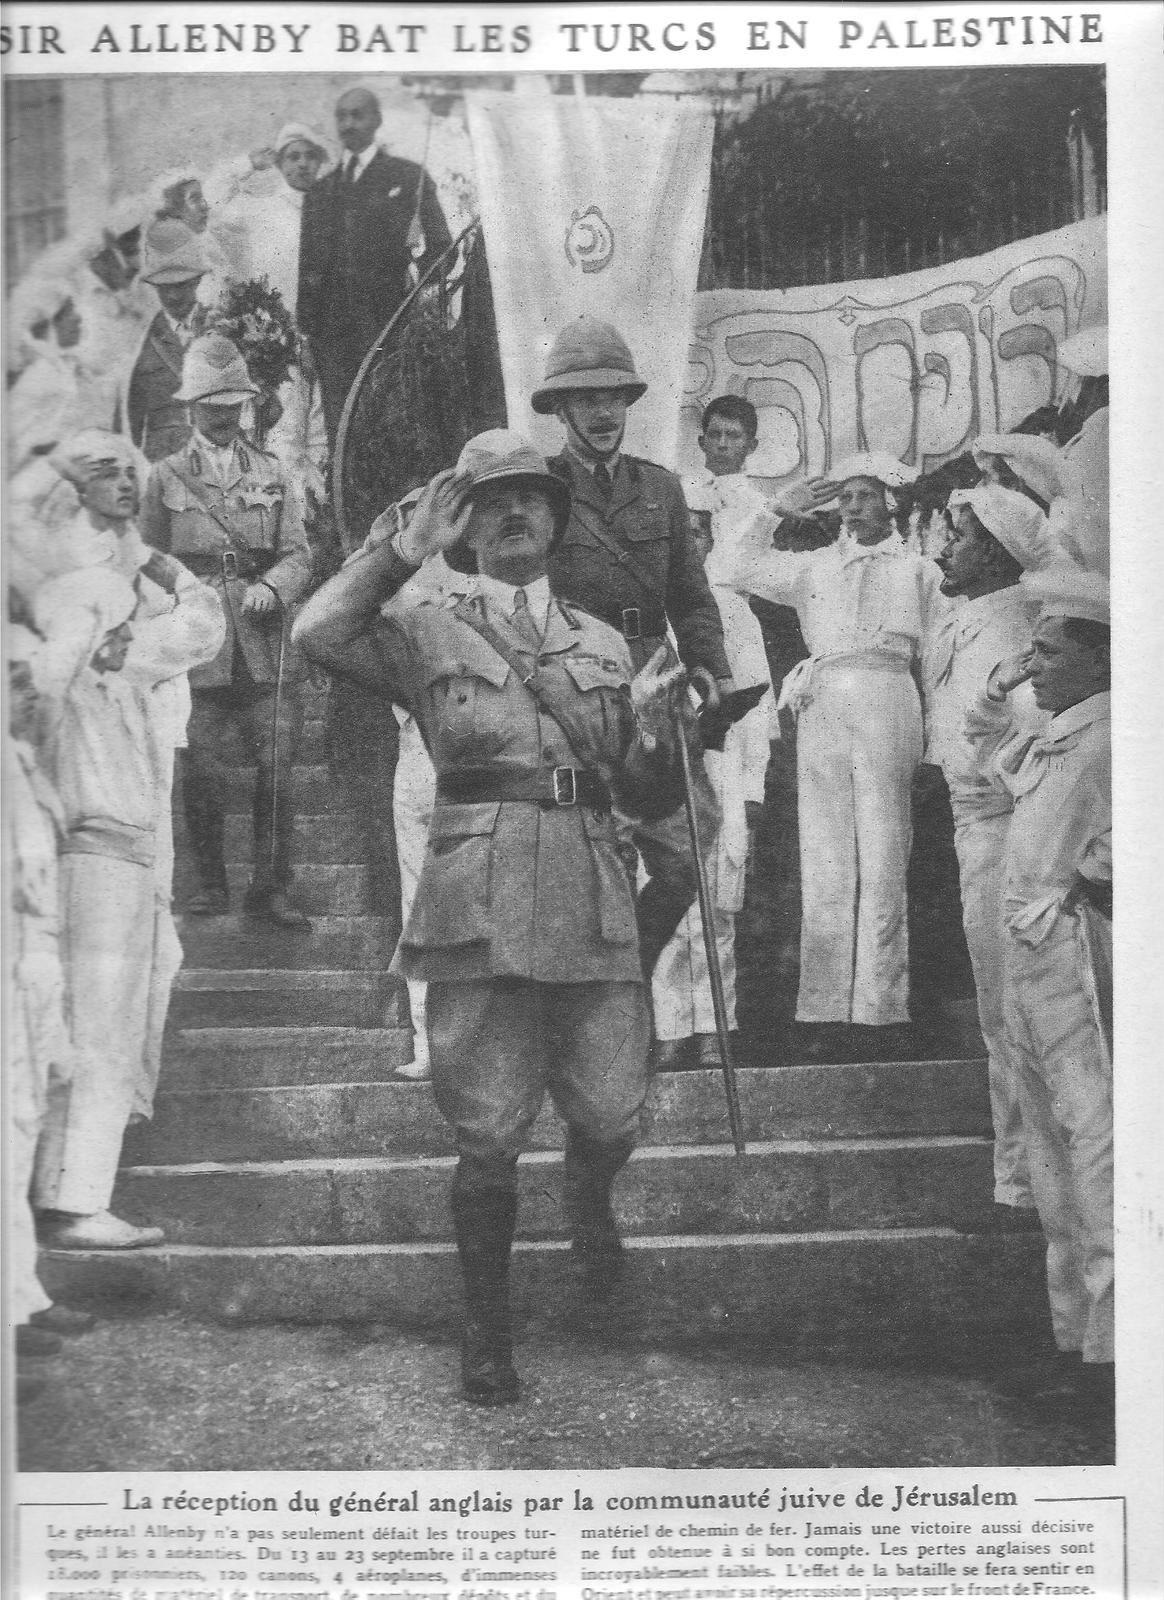 """entrée des Anglais à Jérusalem le 9 décembre 1917 après leur victoire sur les Turcs lors de la troisième bataille de Gaza, photo publiée par """"Le Miroir"""" du 6 octobre 1918"""